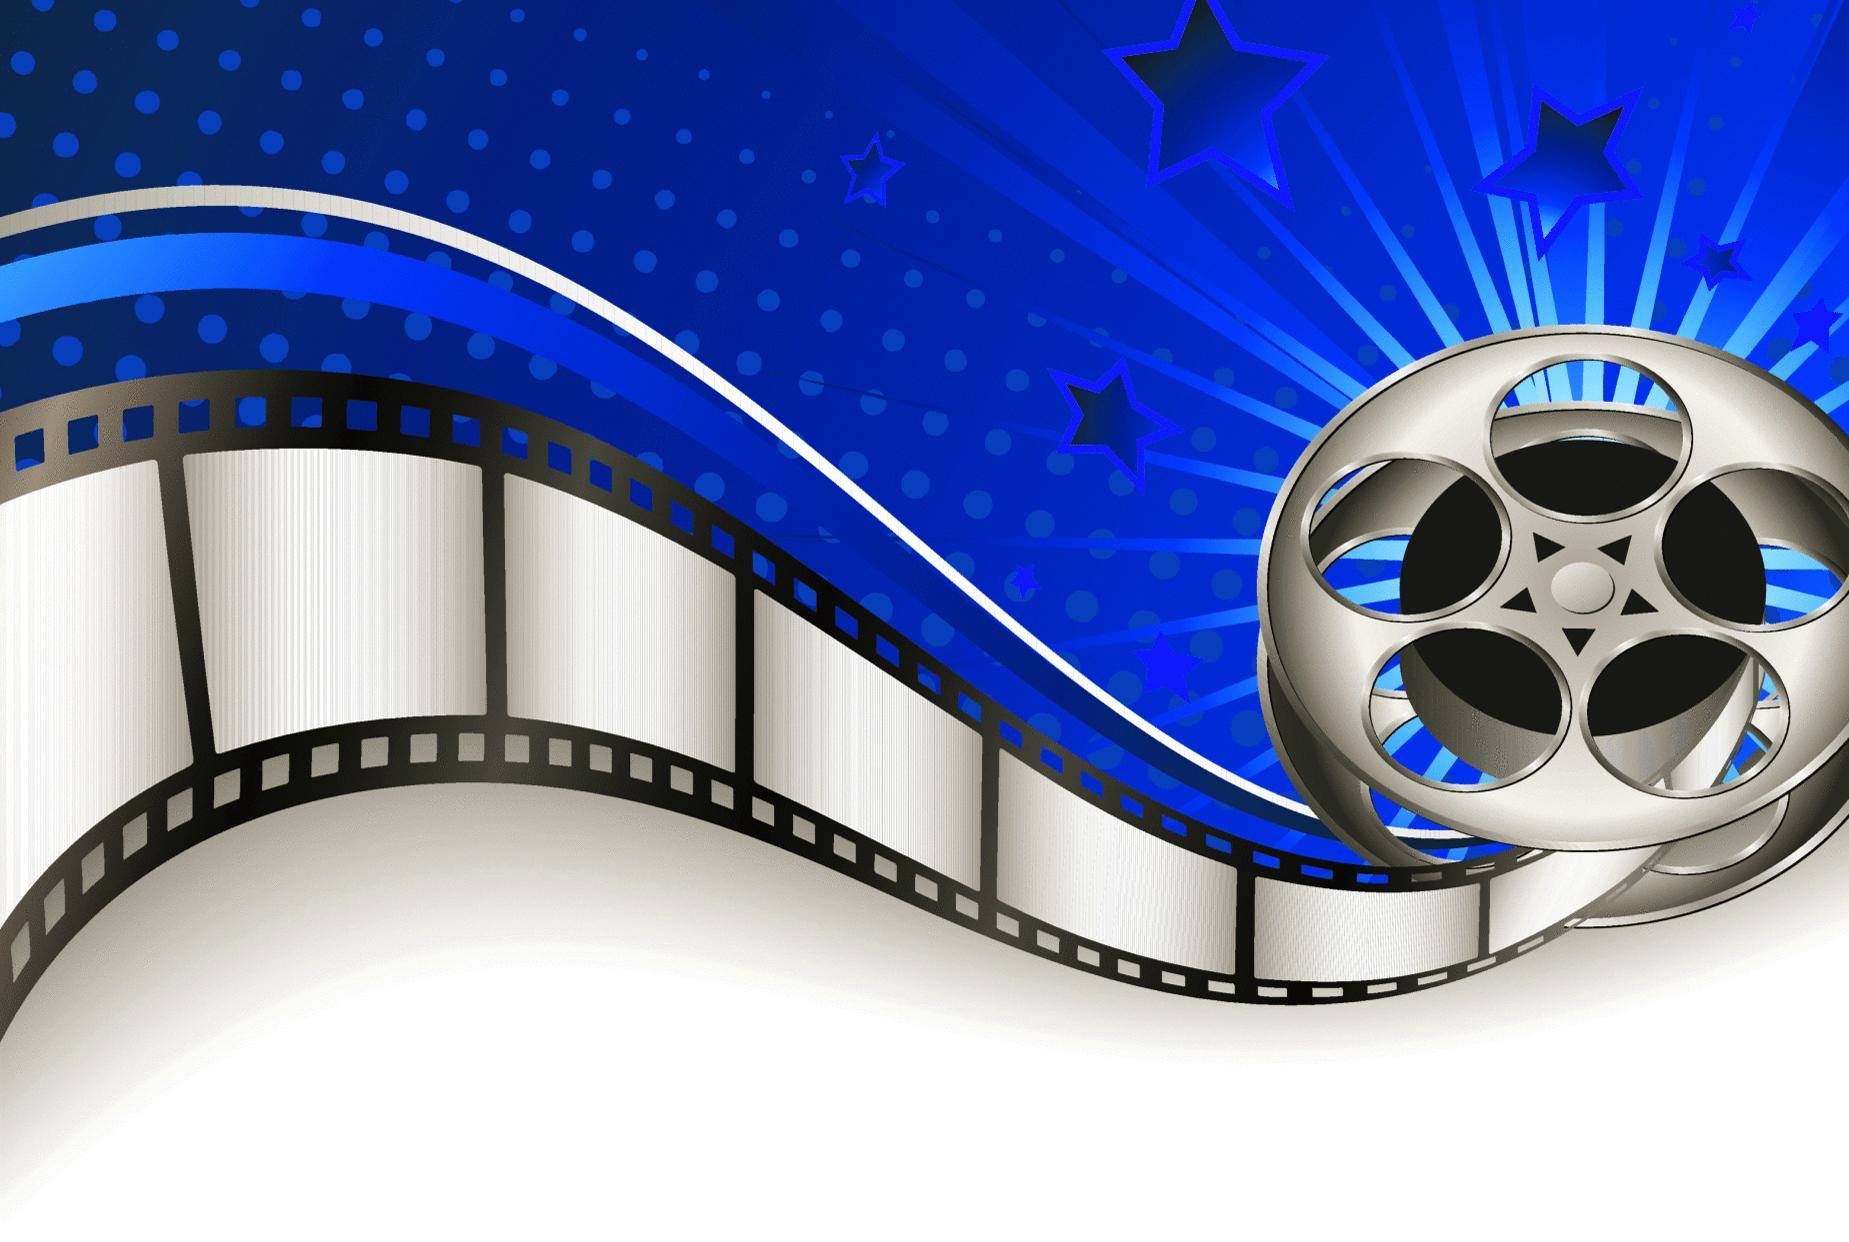 [47+] Movie Theater Wallpaper on WallpaperSafari